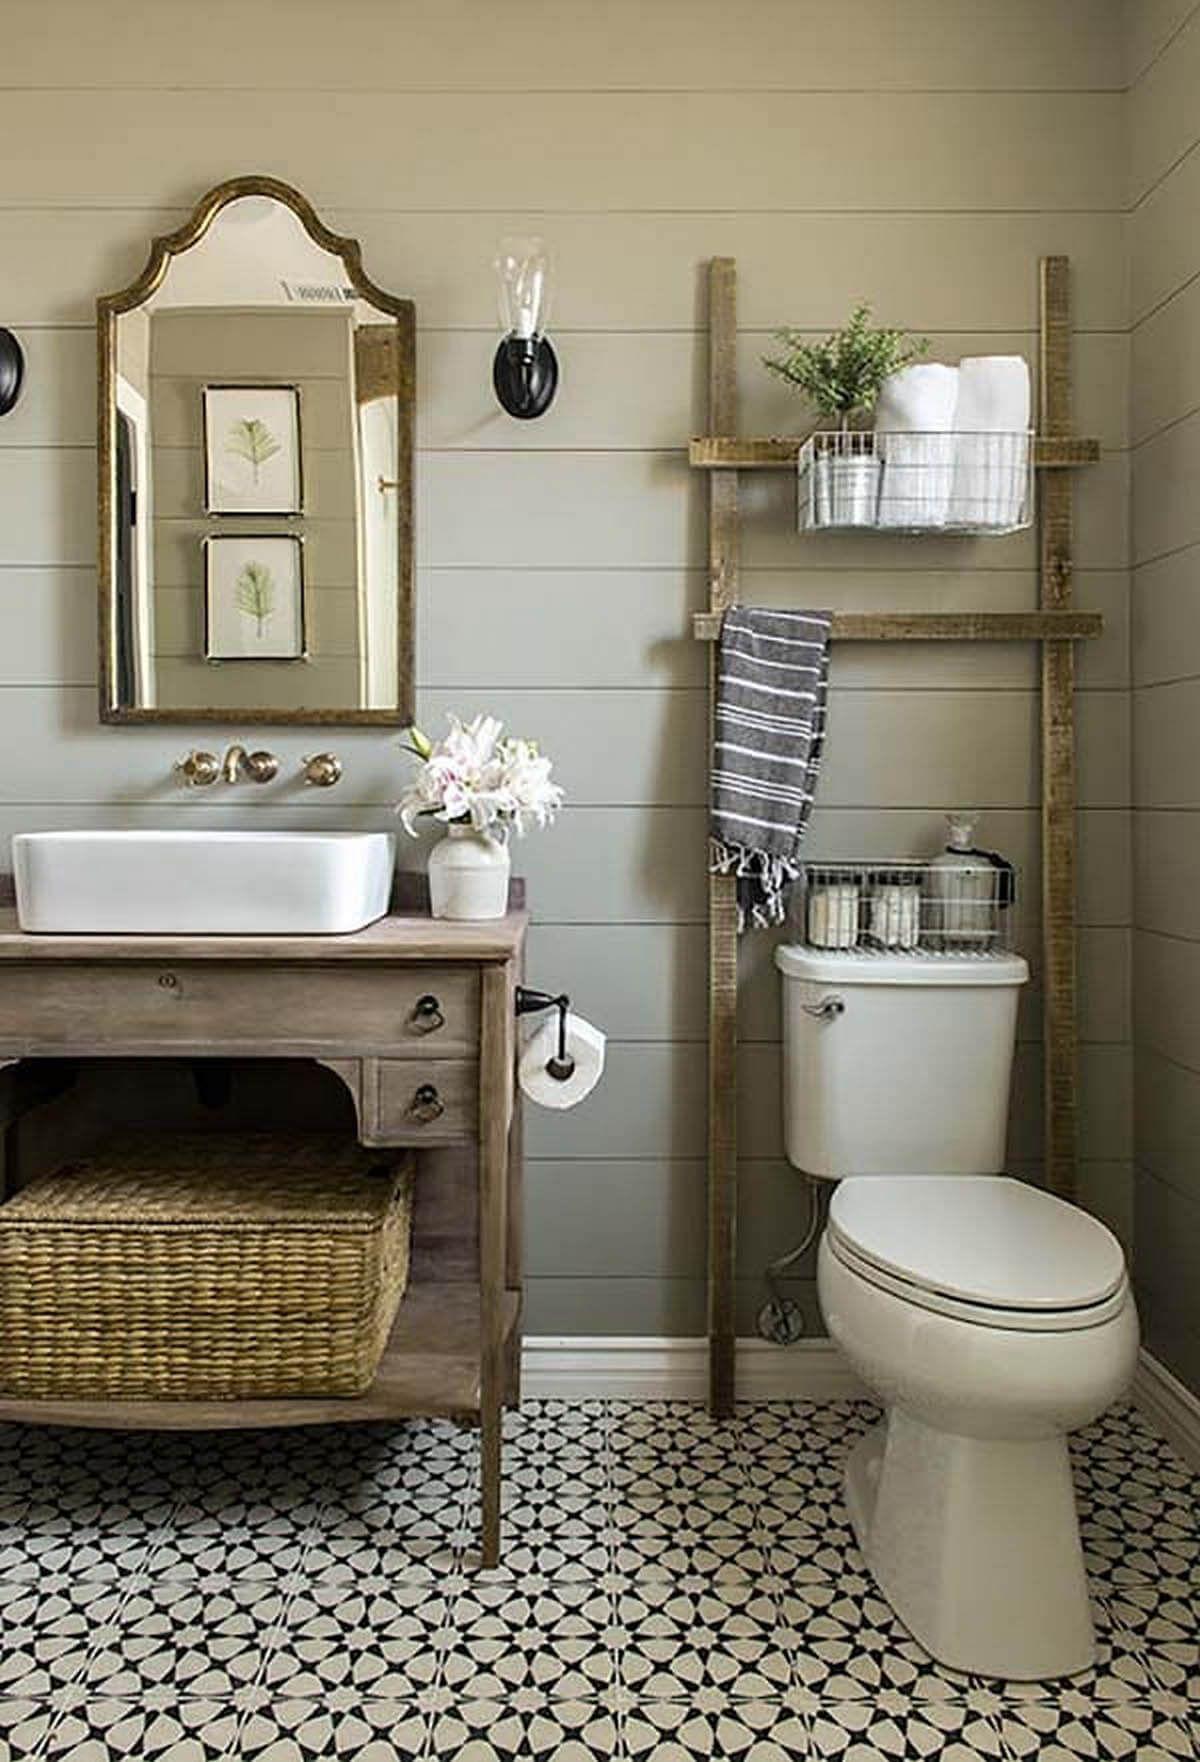 Échelle rustique sur les toilettes – pour les serviettes ?? Design de salle de bain à la …